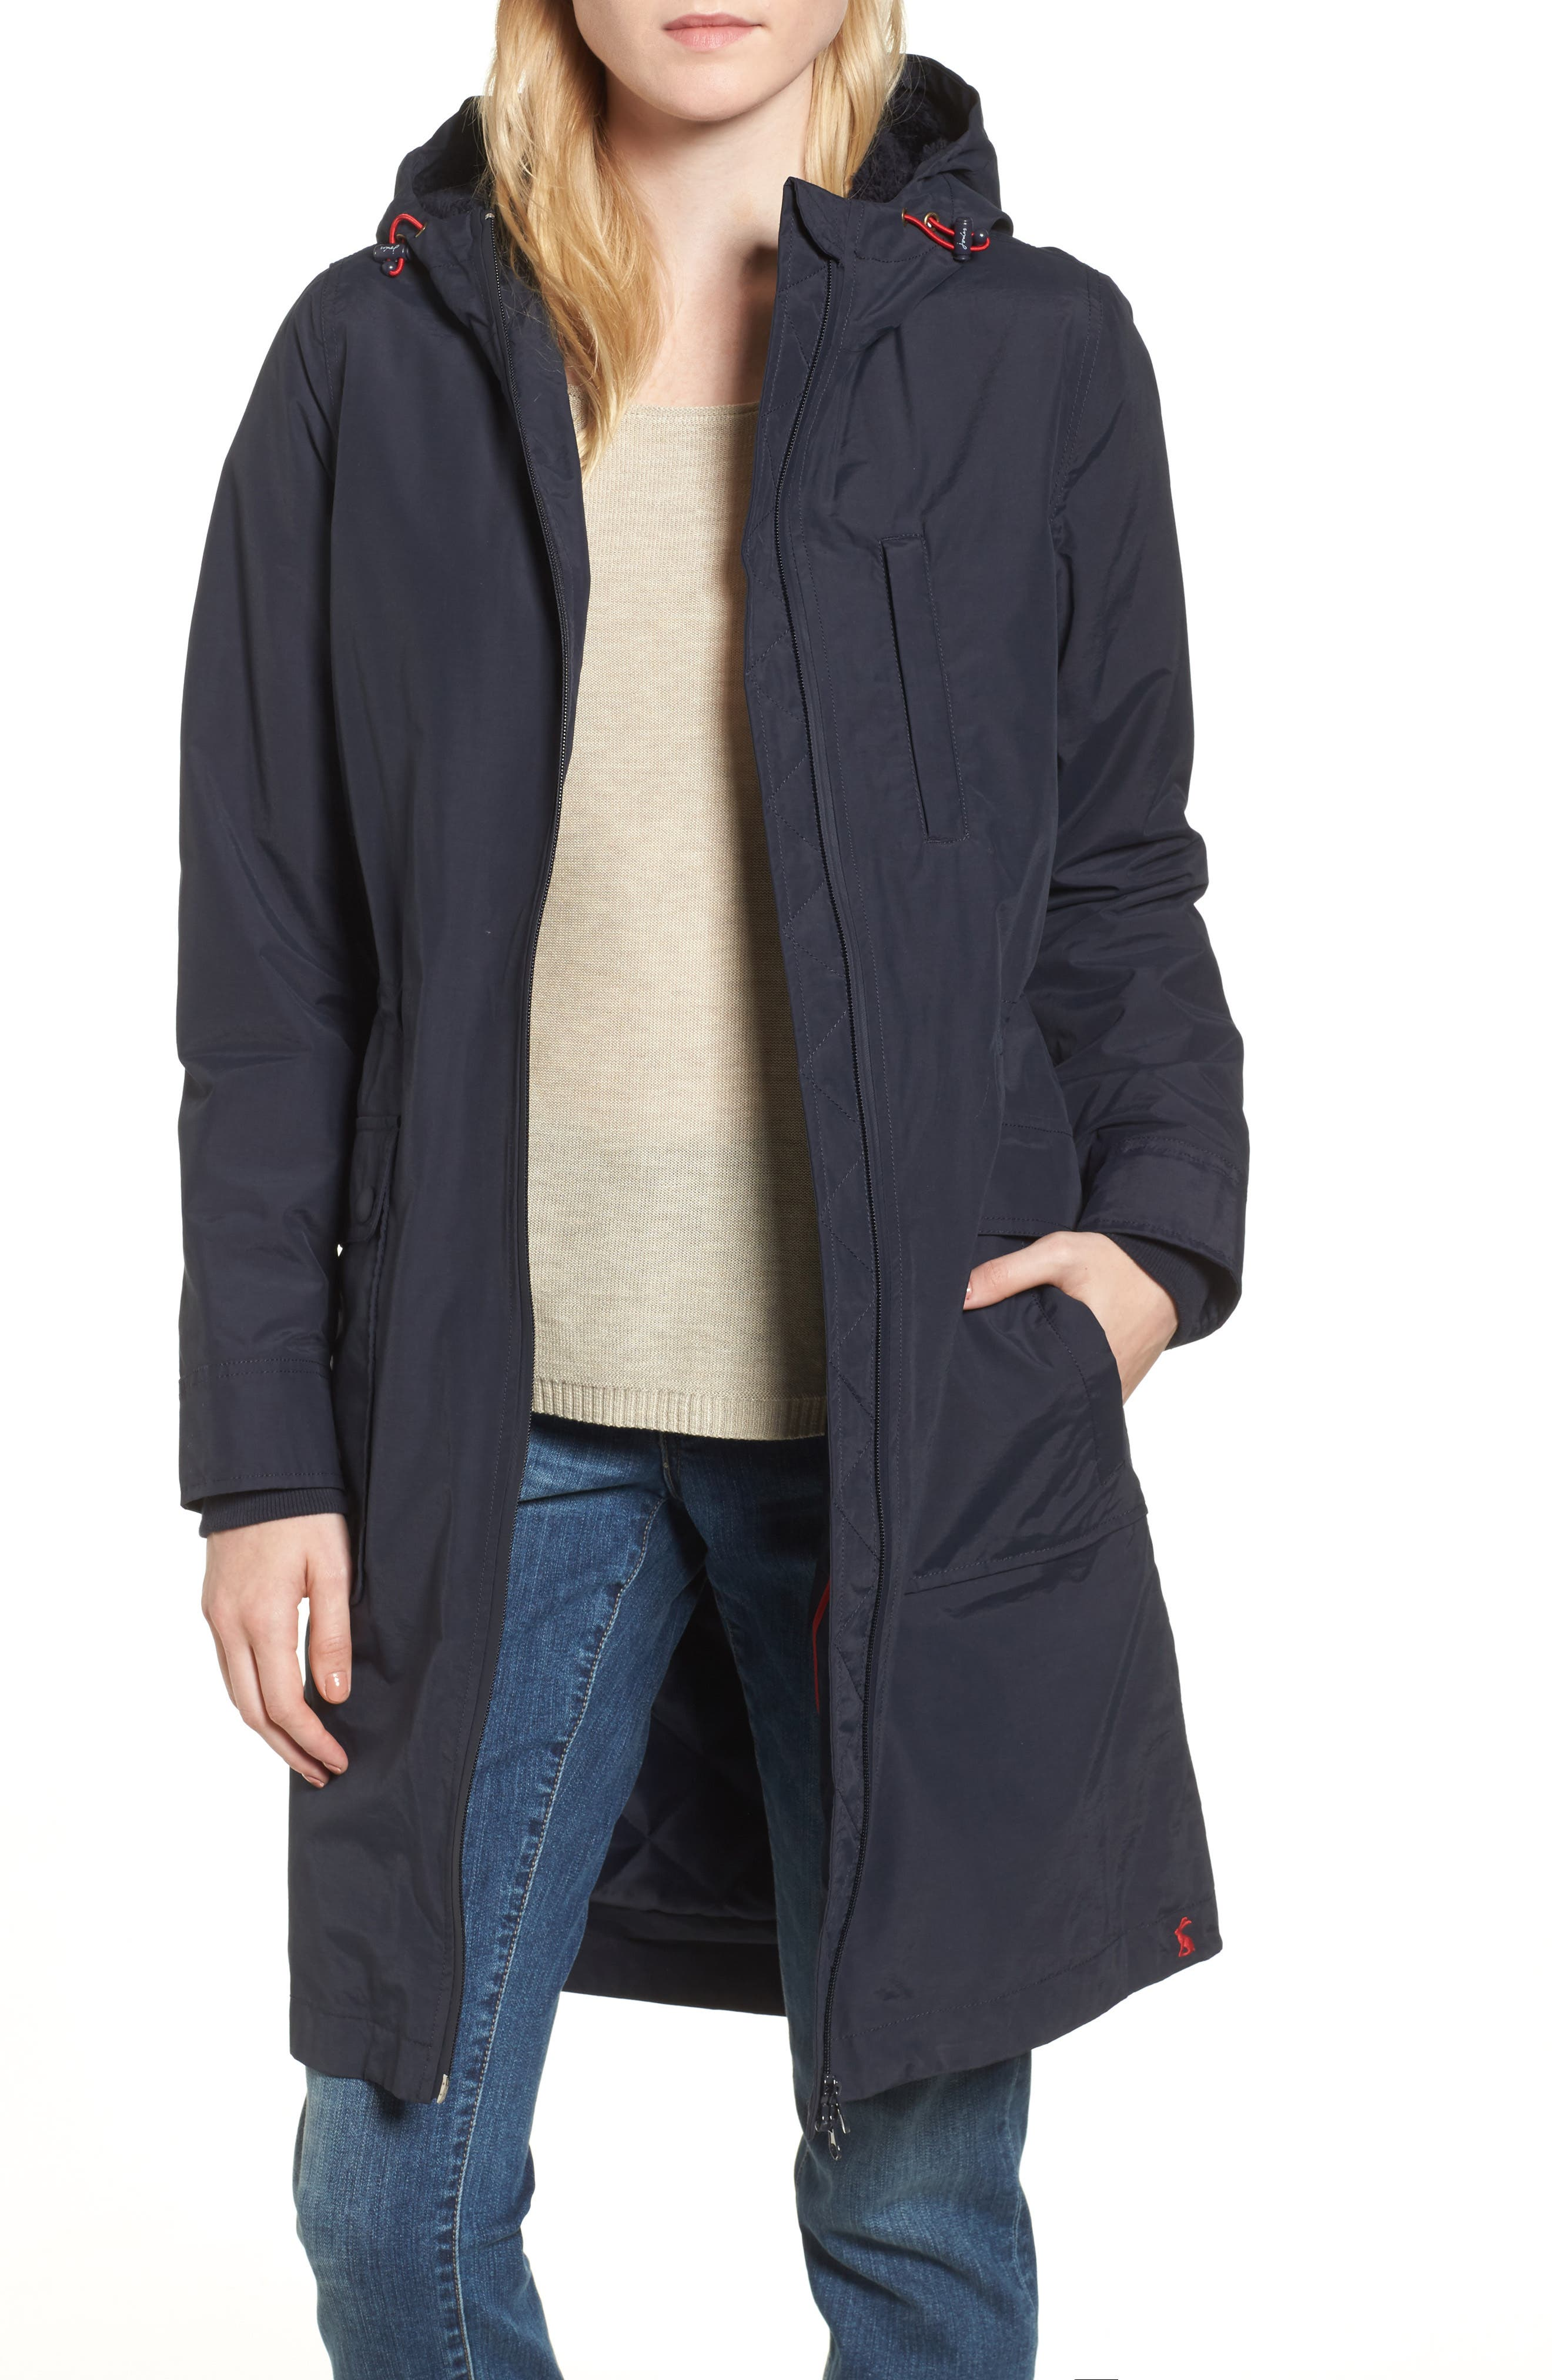 Hooded Fleece Lined Raincoat,                         Main,                         color, 410